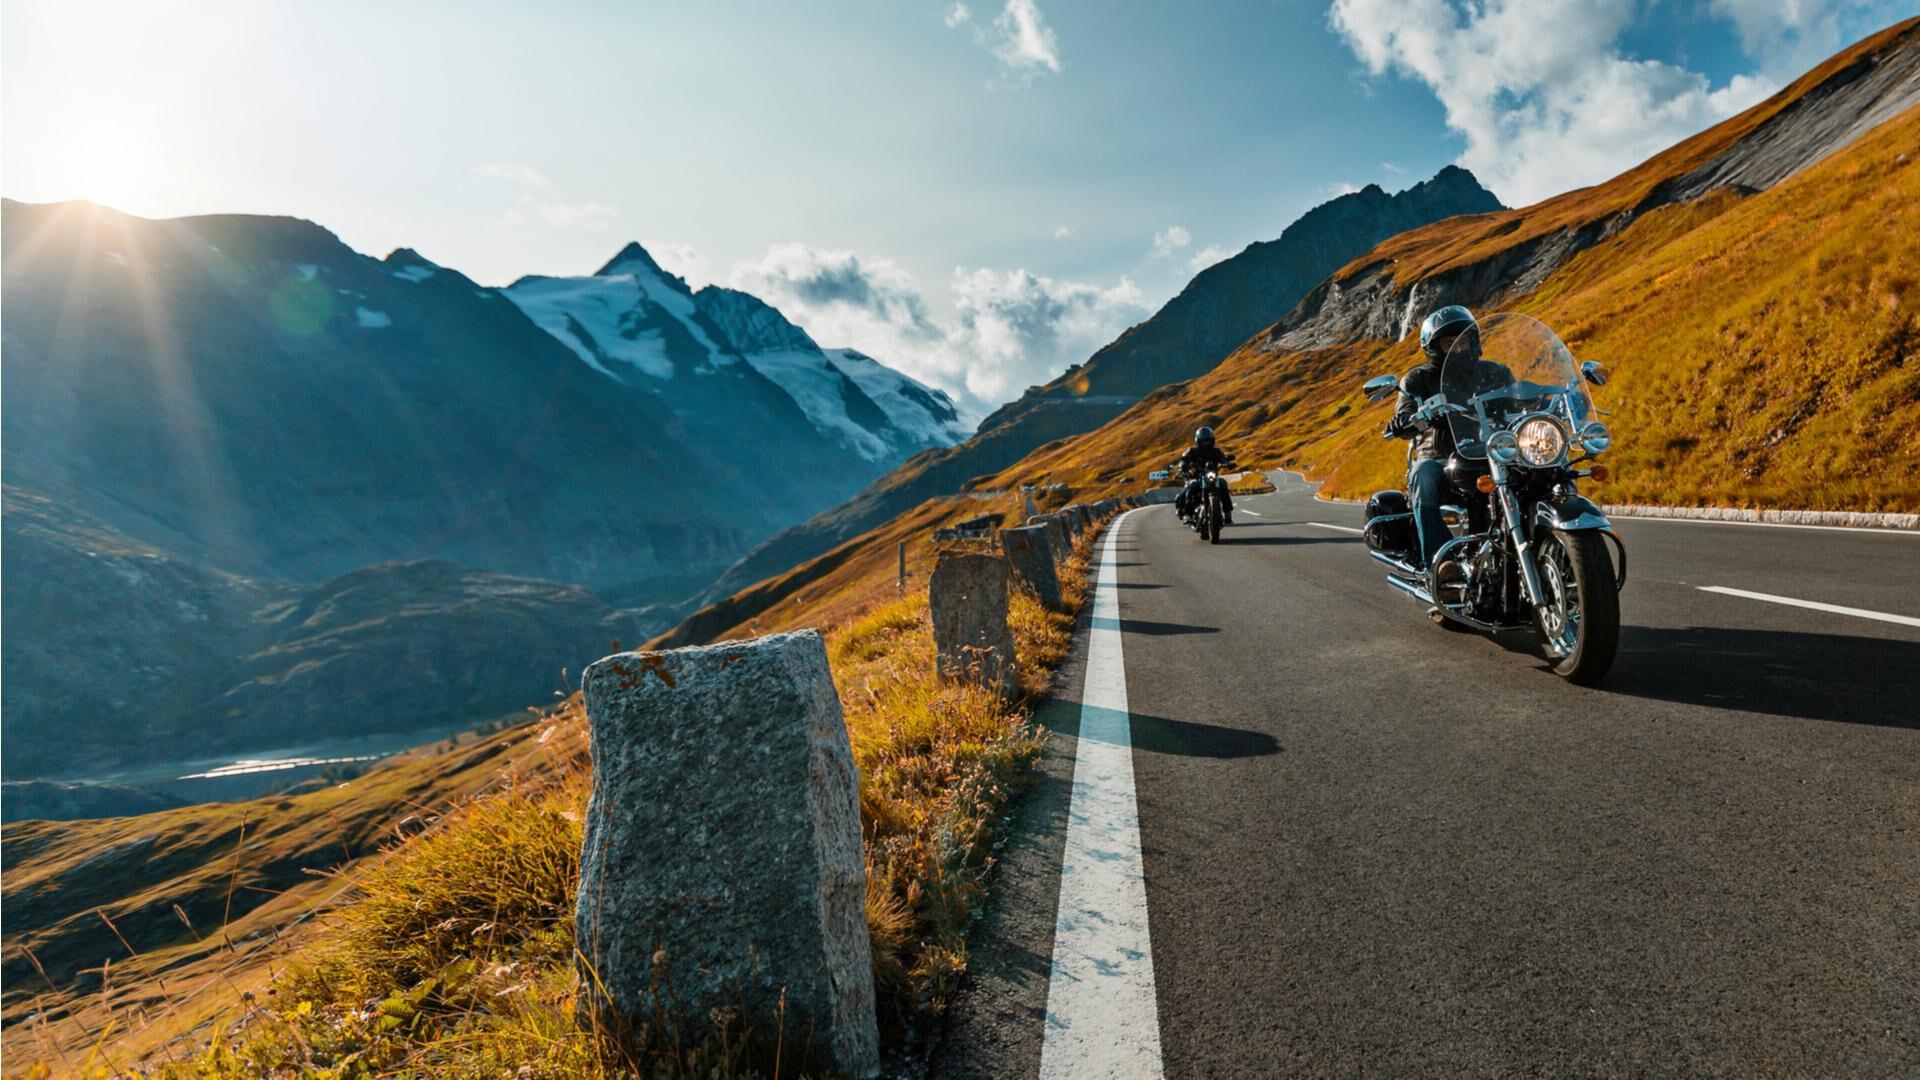 Oikein valitut ajolasit nostavat moottoripyöräilyn uudelle tasolle